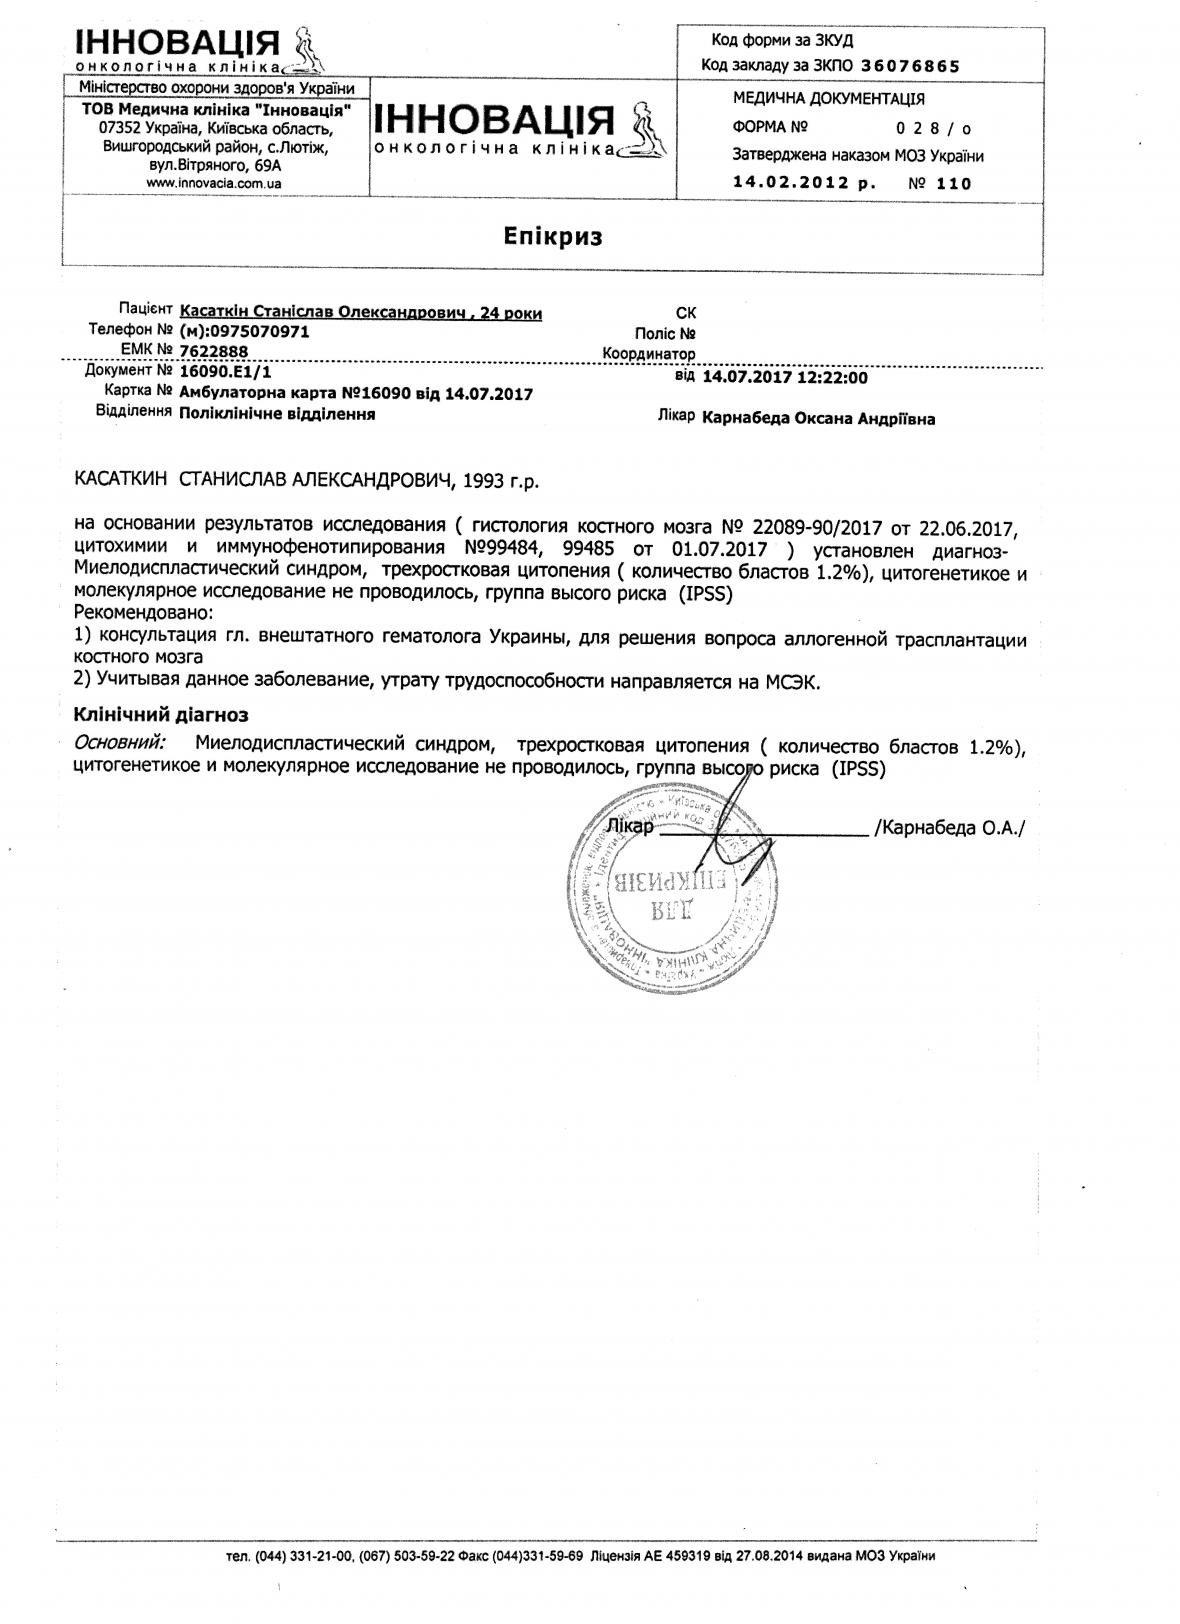 Криворожанин ушел служить в армию, а через несколько месяцев у него выявили страшную болезнь (ФОТО), фото-3